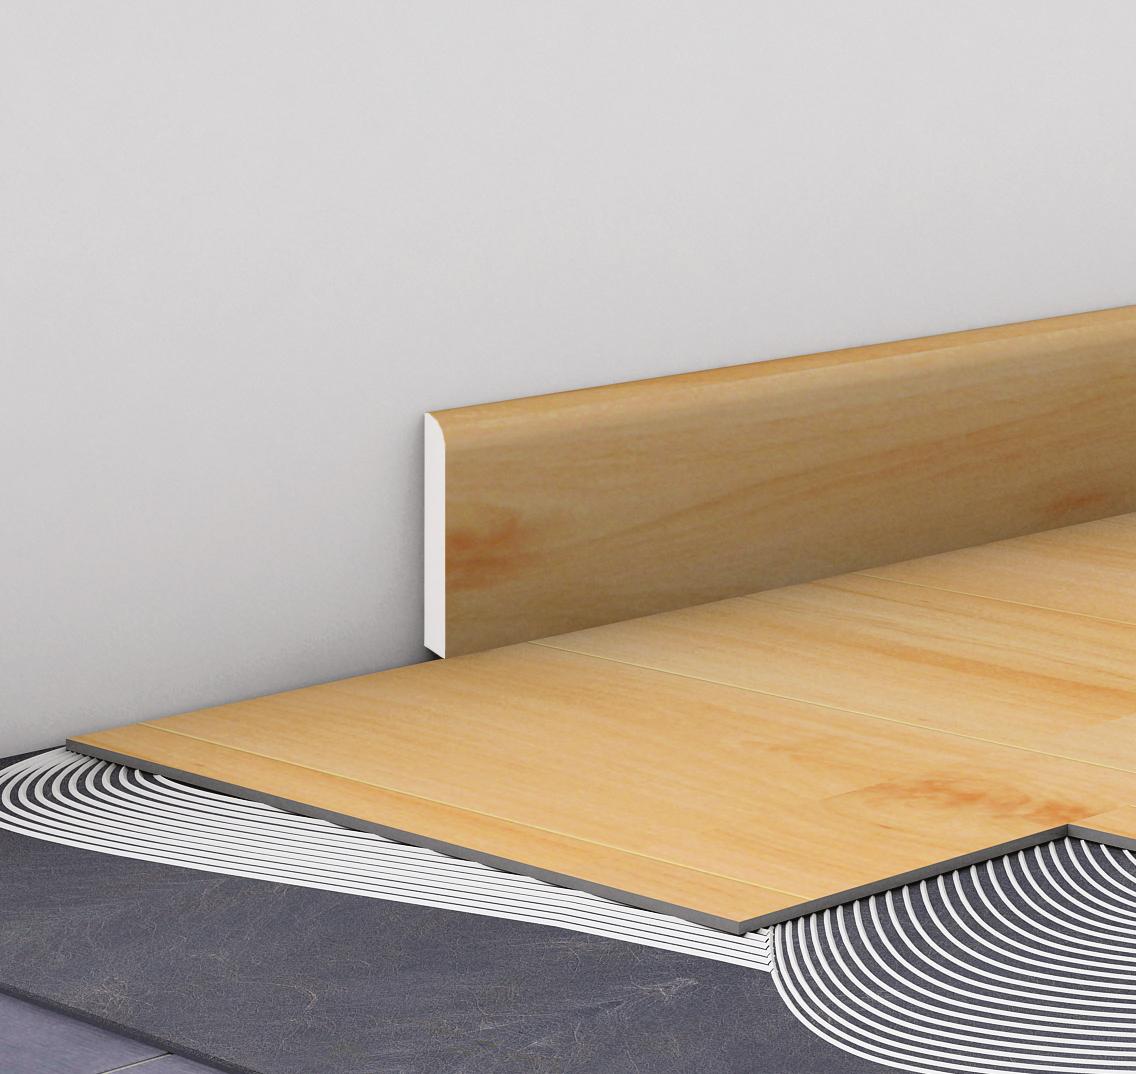 vinylboden zubeh r sicher g nstig kaufen. Black Bedroom Furniture Sets. Home Design Ideas